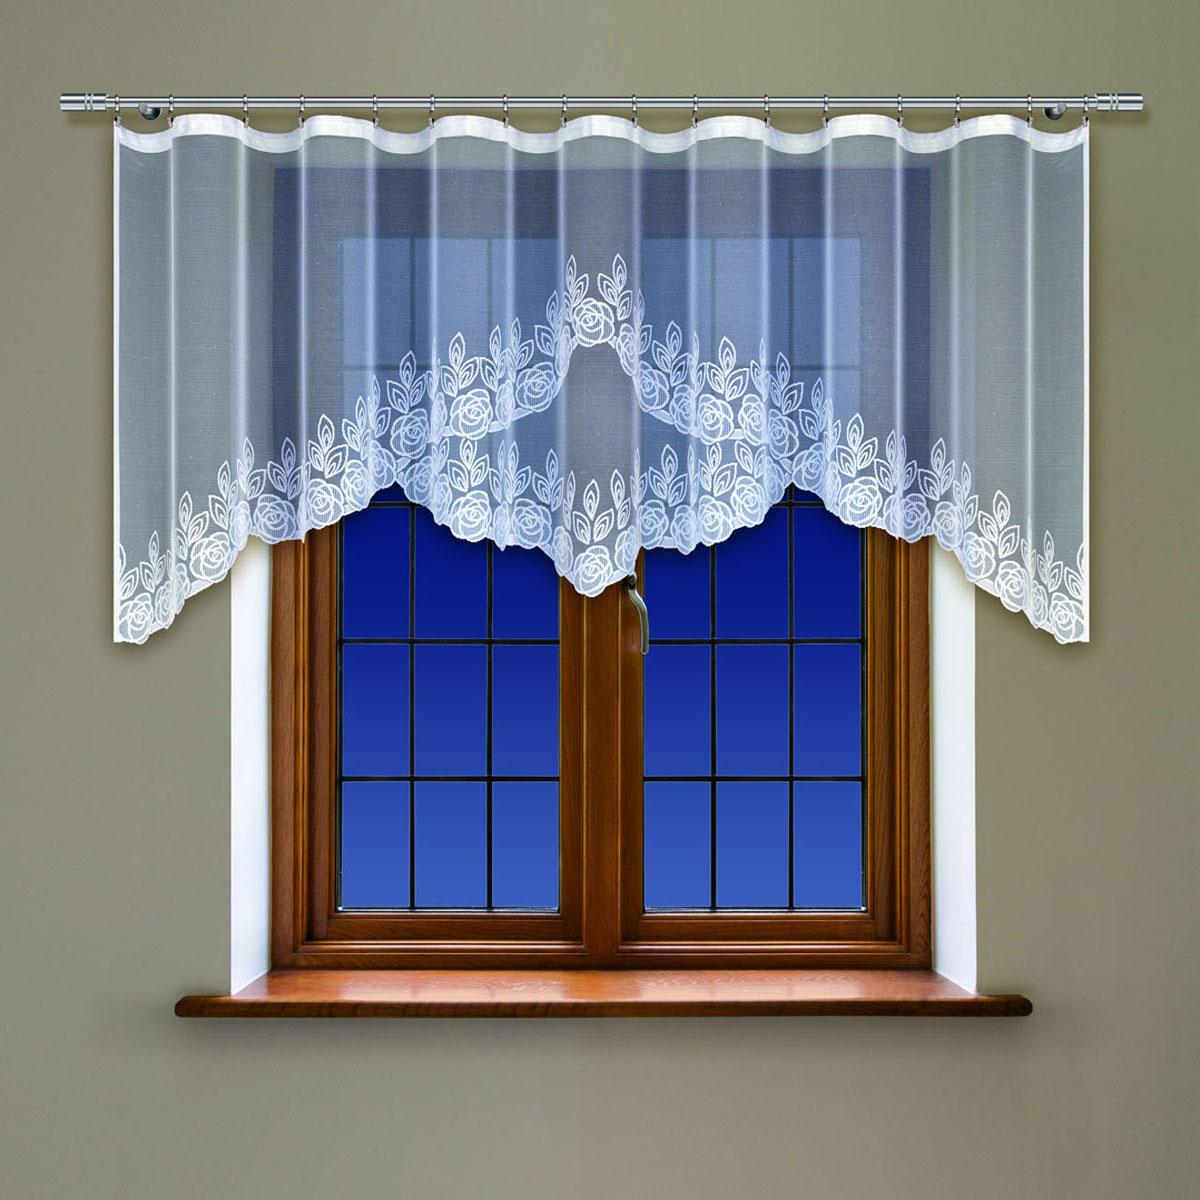 Гардина Haft, на ленте, цвет: белый, высота 90 см. 2142505383D/60Гардина Haft, изготовленная из полиэстера, станет великолепным украшением любого окна. Тонкое плетение и оригинальный дизайн привлекут к себе внимание. Изделие органично впишется в интерьер. Гардина крепится на карниз при помощи ленты, которая поможет красиво и равномерно задрапировать верх.